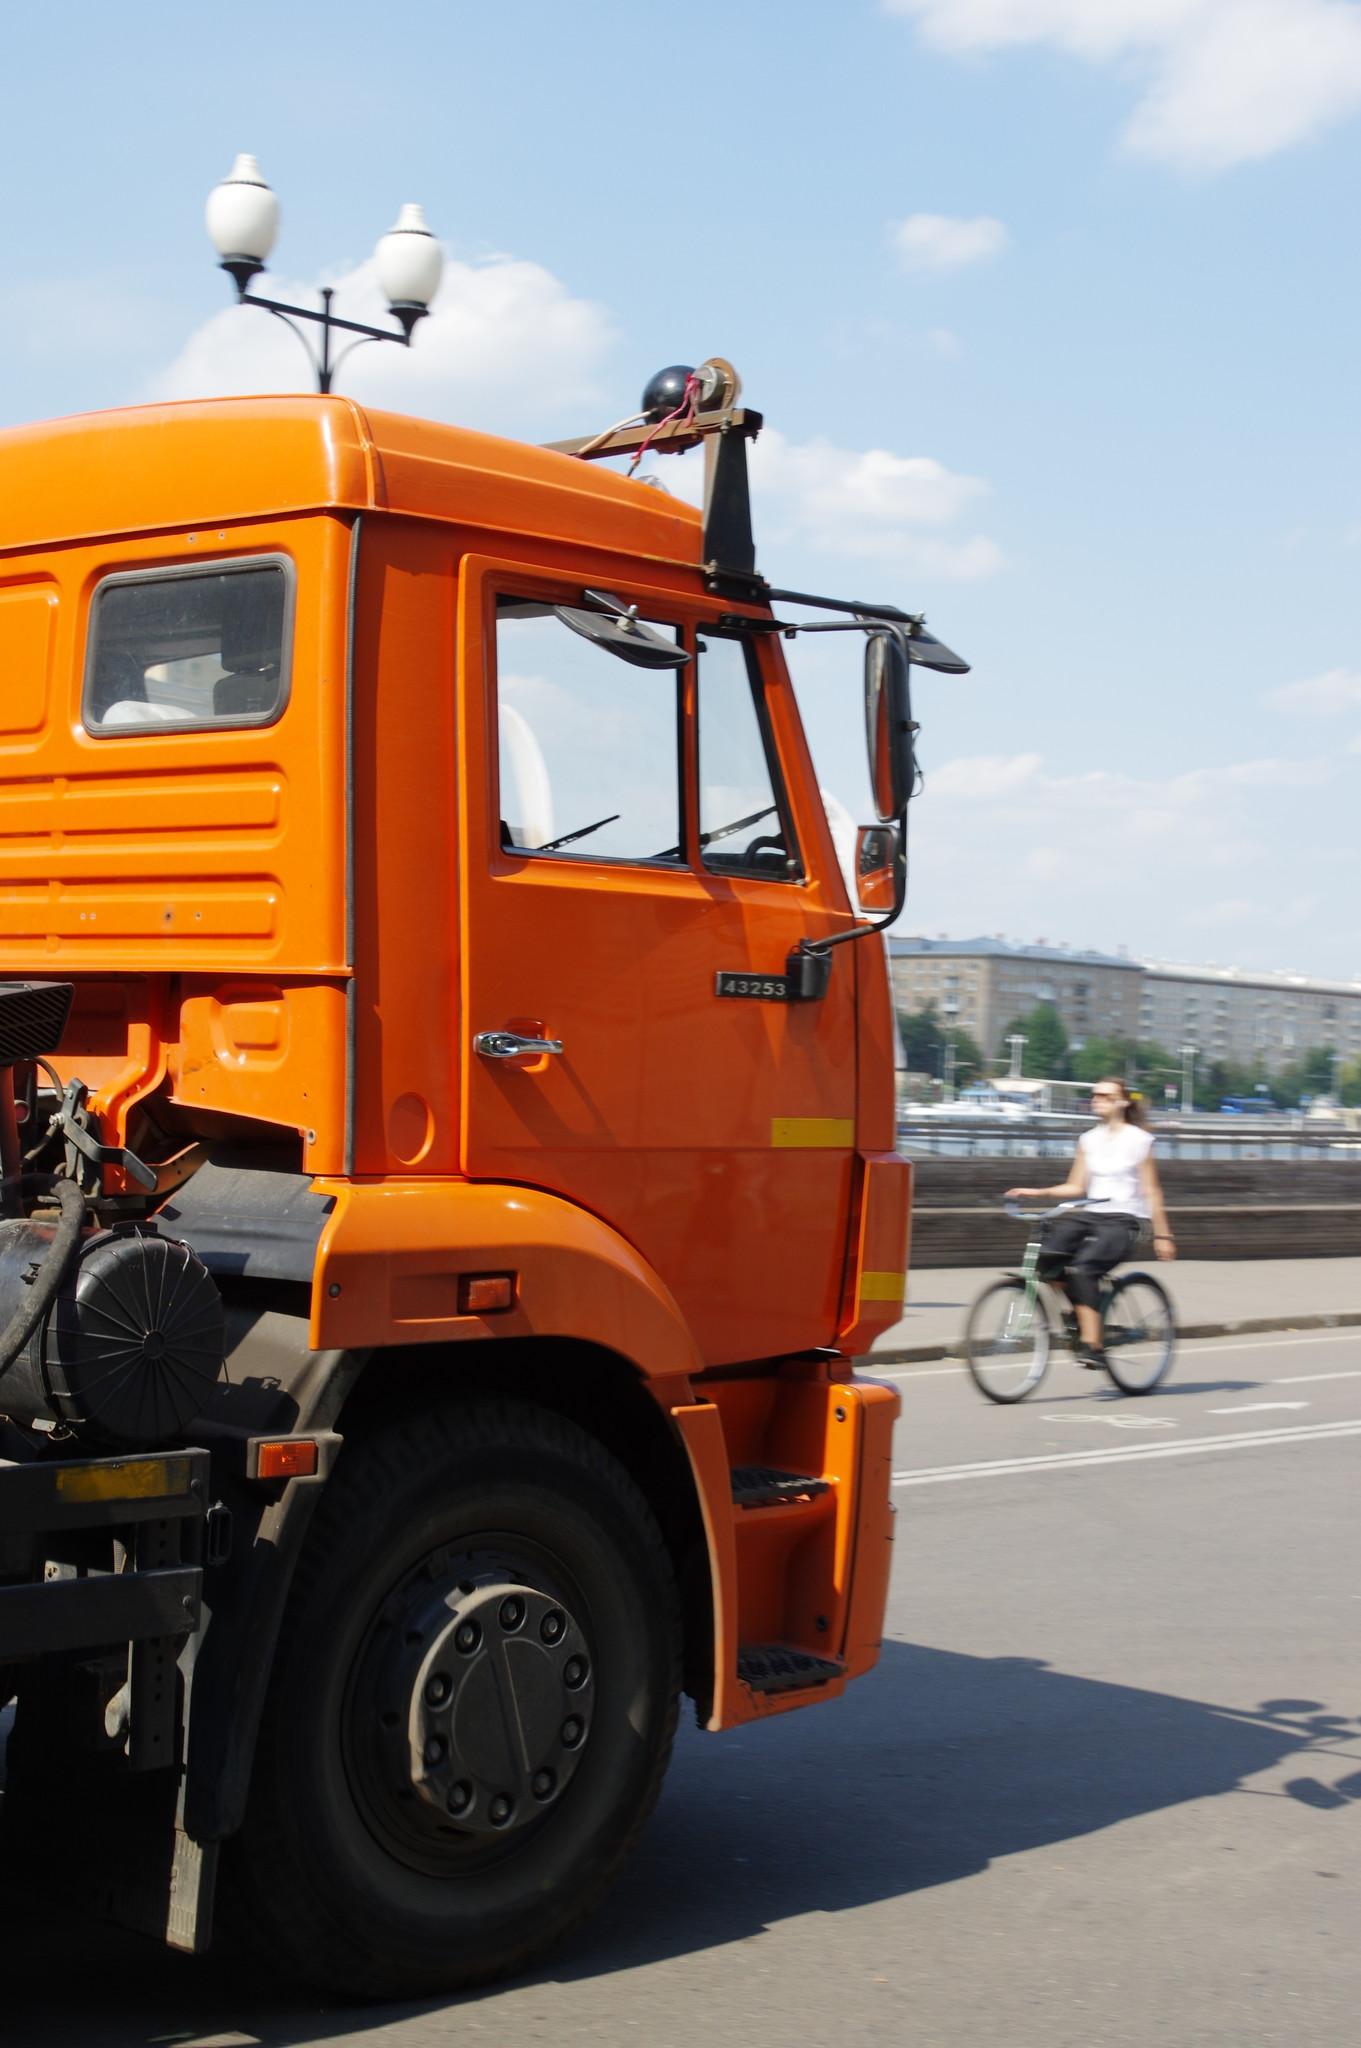 Автомобиль КамАЗ-43253 в ЦПКиО им. М. Горького